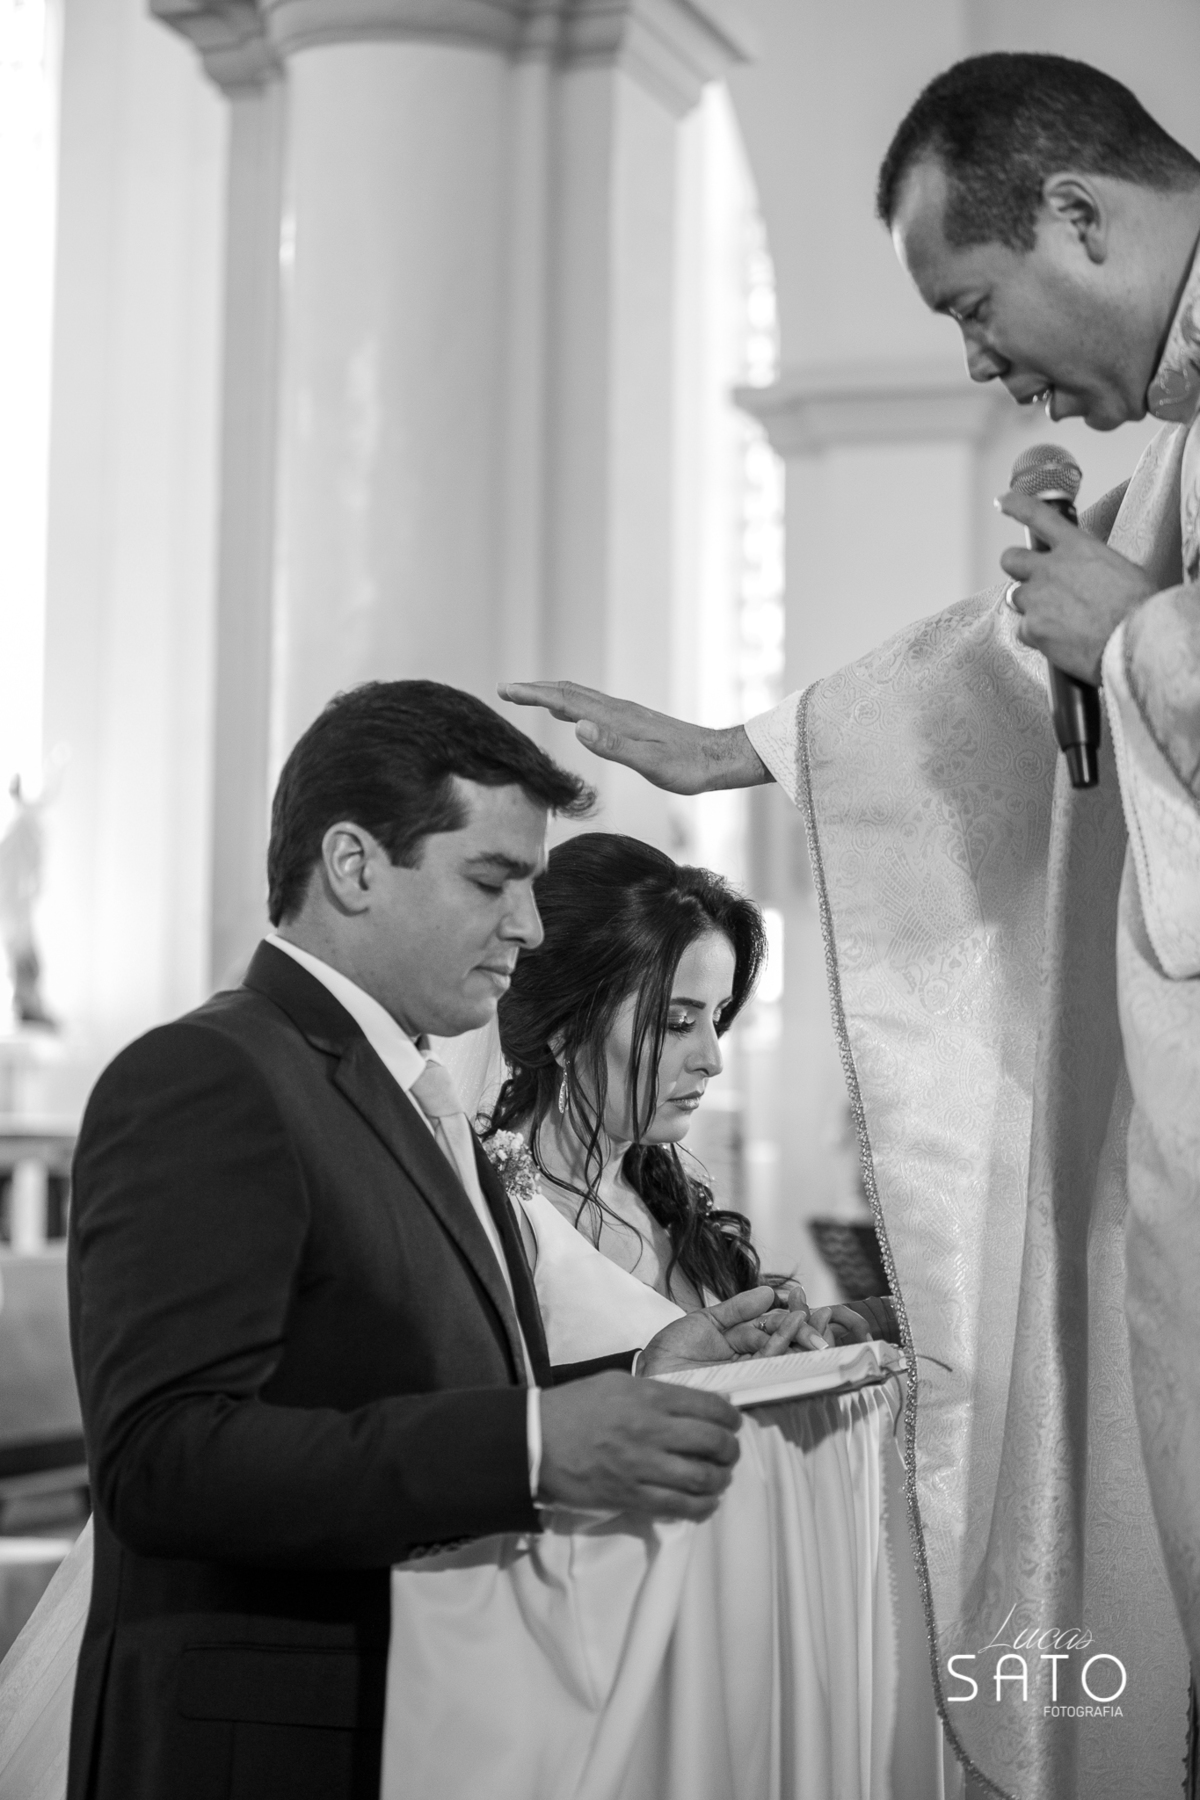 Fotografia  casamento na cidade de São Gotardo-MG. Igreja matriz de São Sebastião em São Gotardo-MG. #saogotardo #casamento #noivasaogotardo